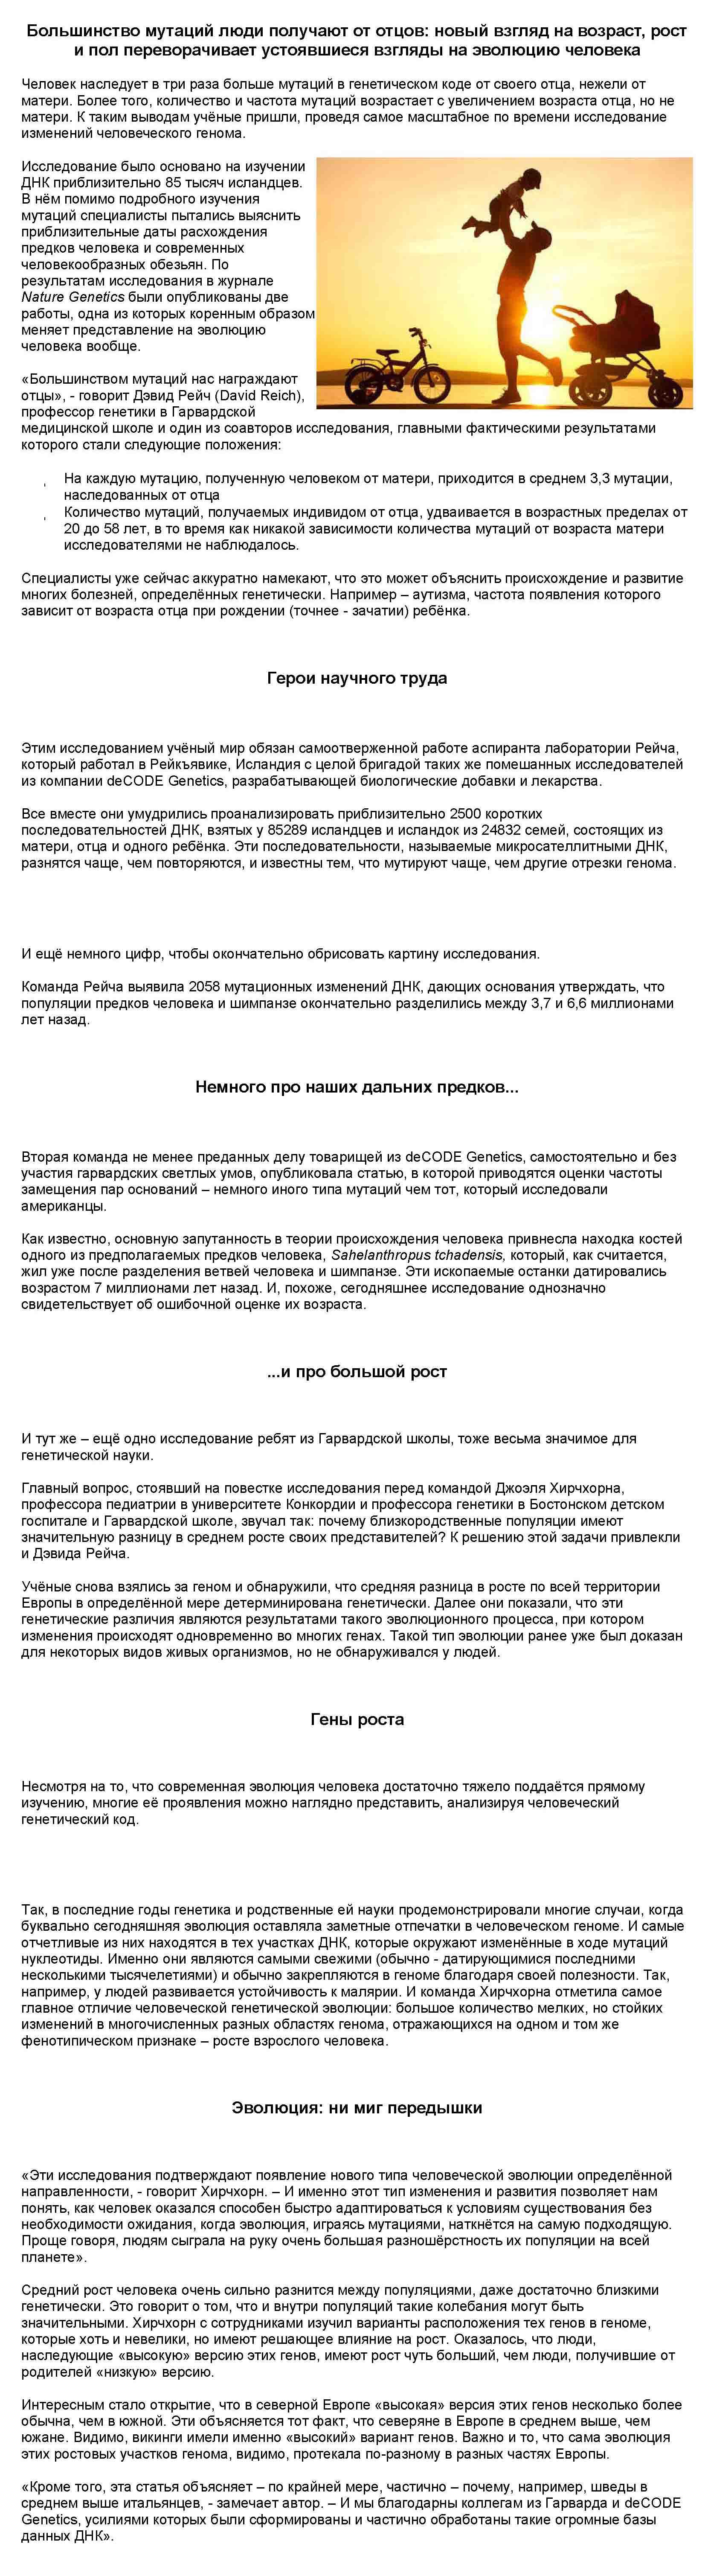 Перевод научно-популярного текста, англ.-русский